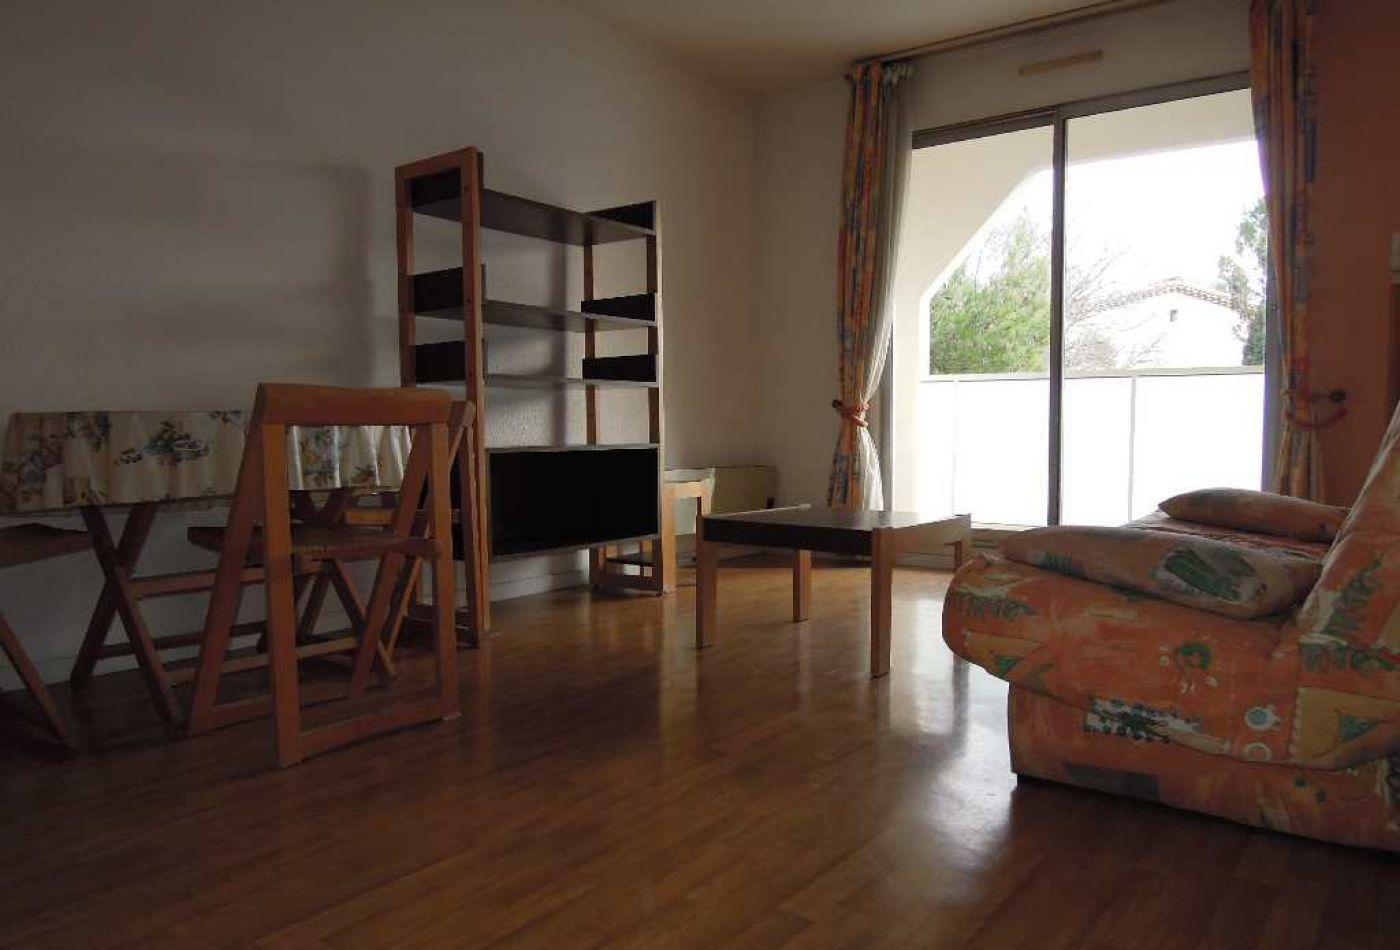 Location appartement montpellier la s curit avant tout for Location appartement atypique montpellier